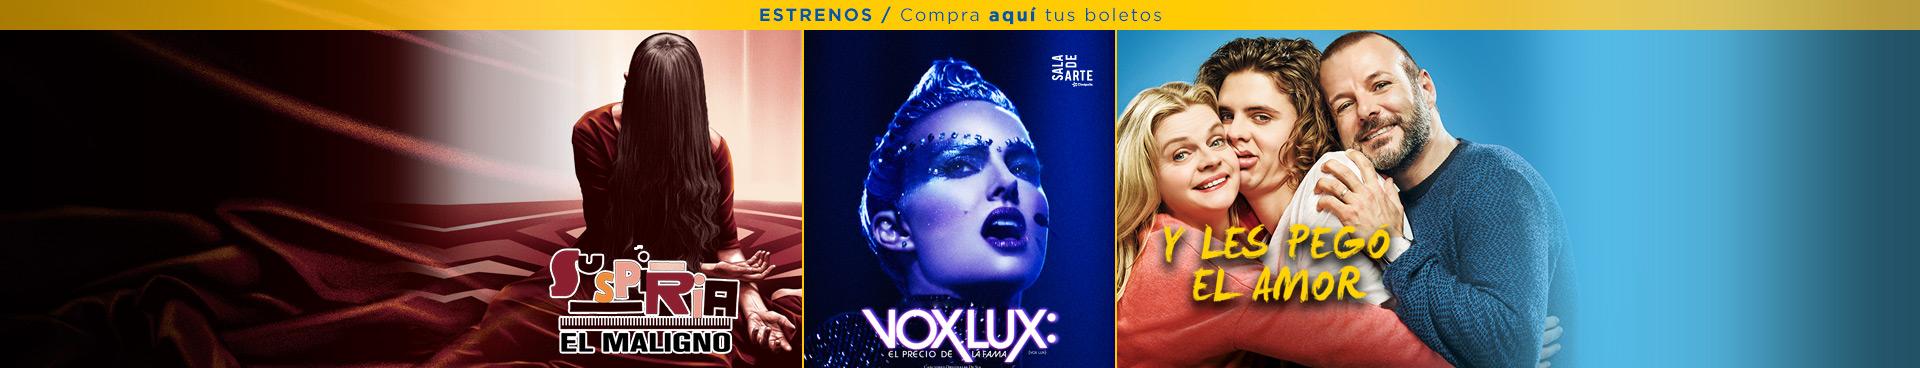 Estrenos: Suspiria / Vox lux / Y les pegó el amor